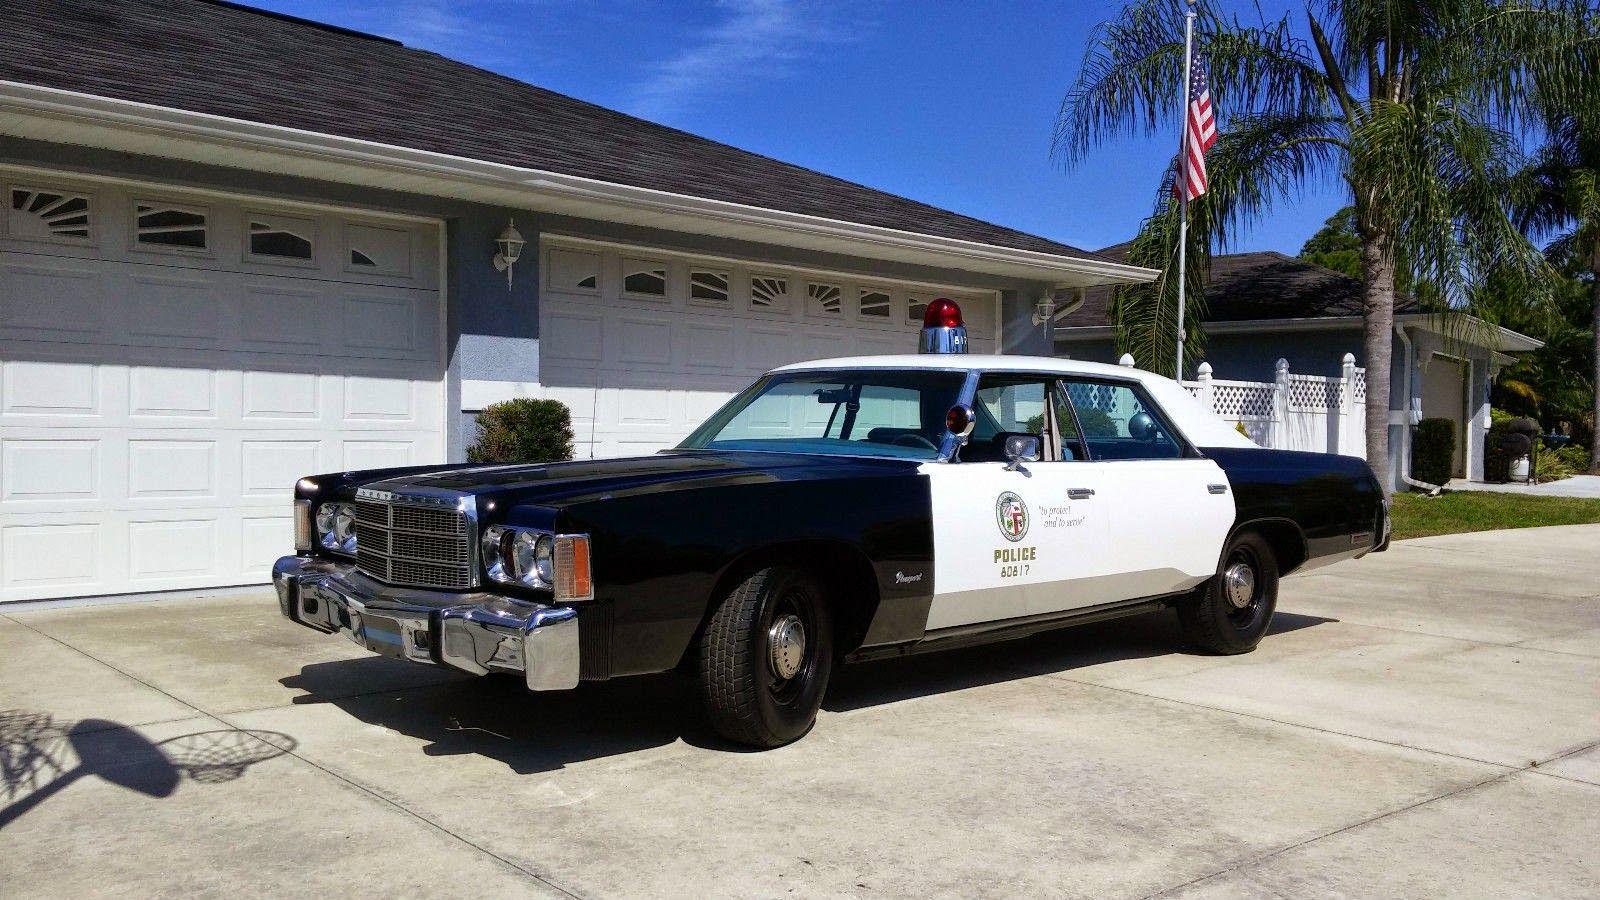 1978 Chrysler Newport 4 Door Hardtop Police Car Chrysler Newport Police Cars American Classic Cars